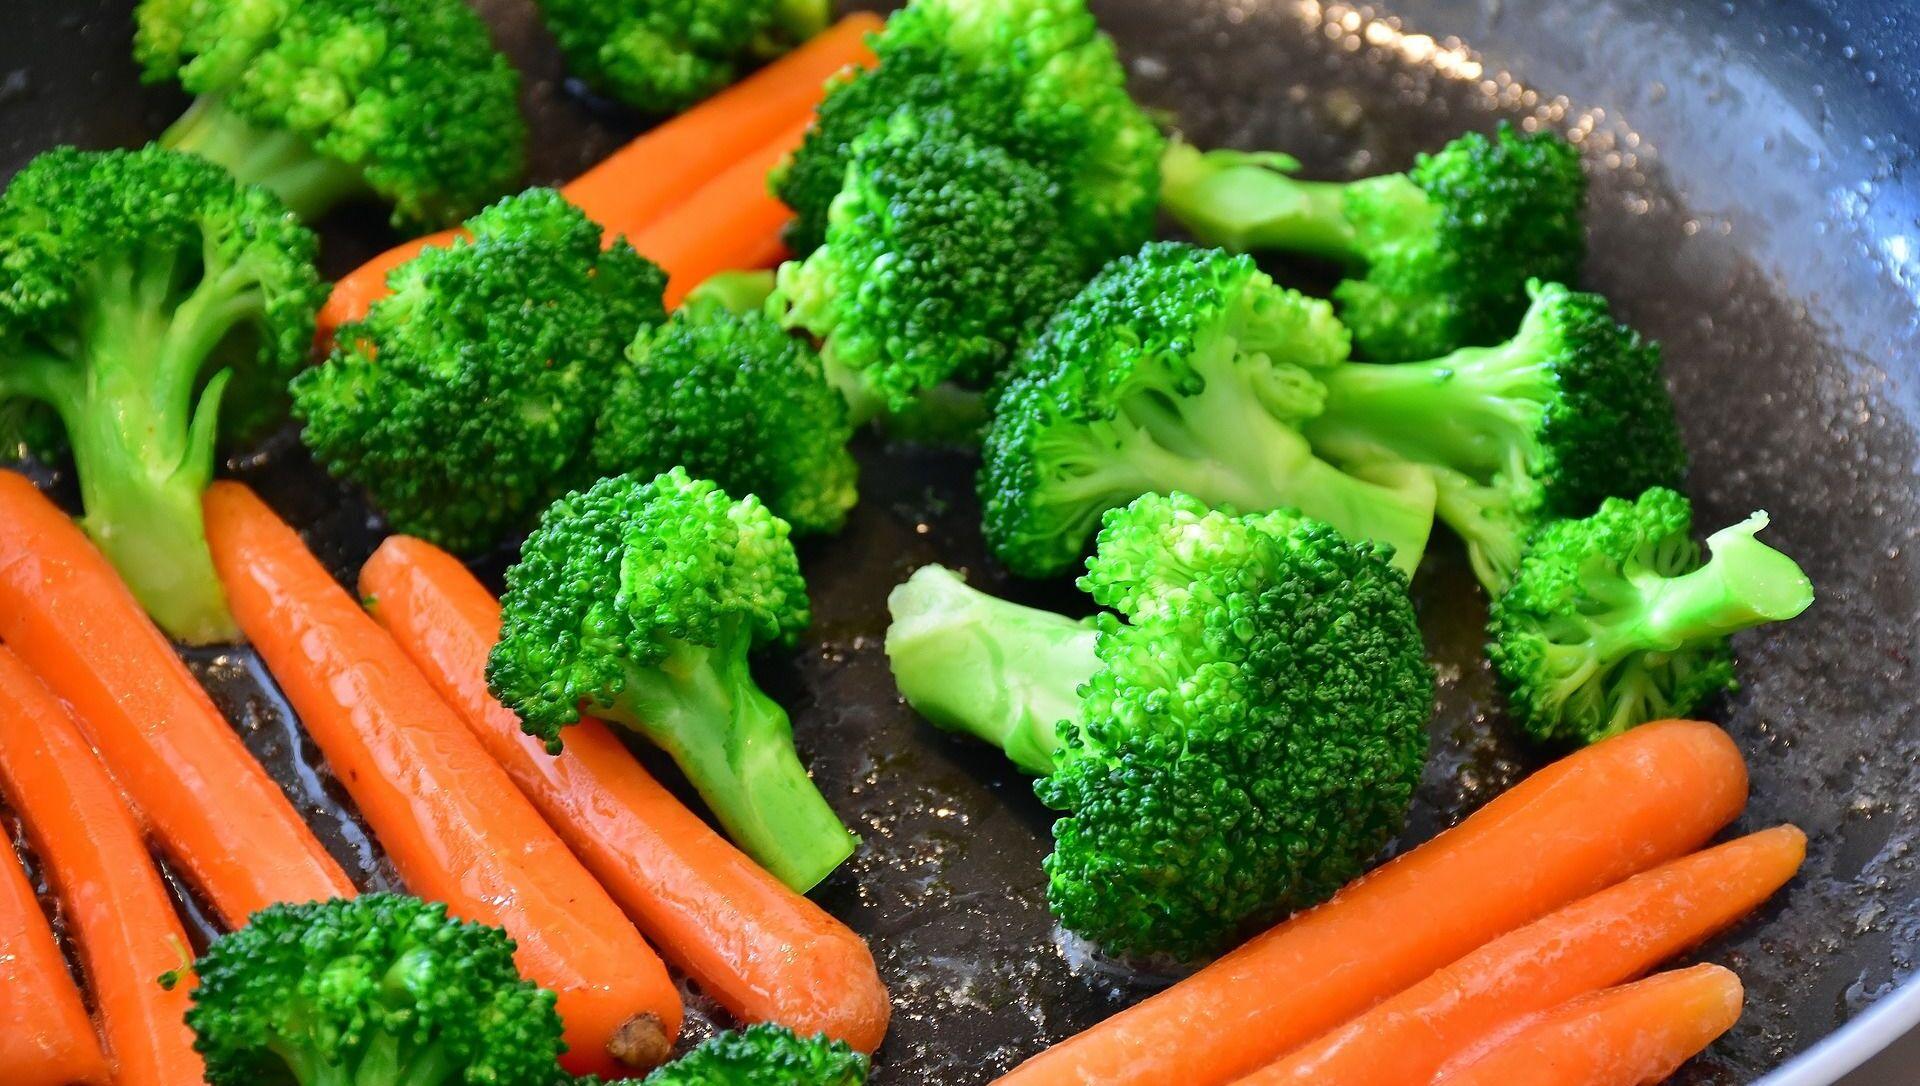 Broccoli e carote in padella - Sputnik Italia, 1920, 15.05.2021